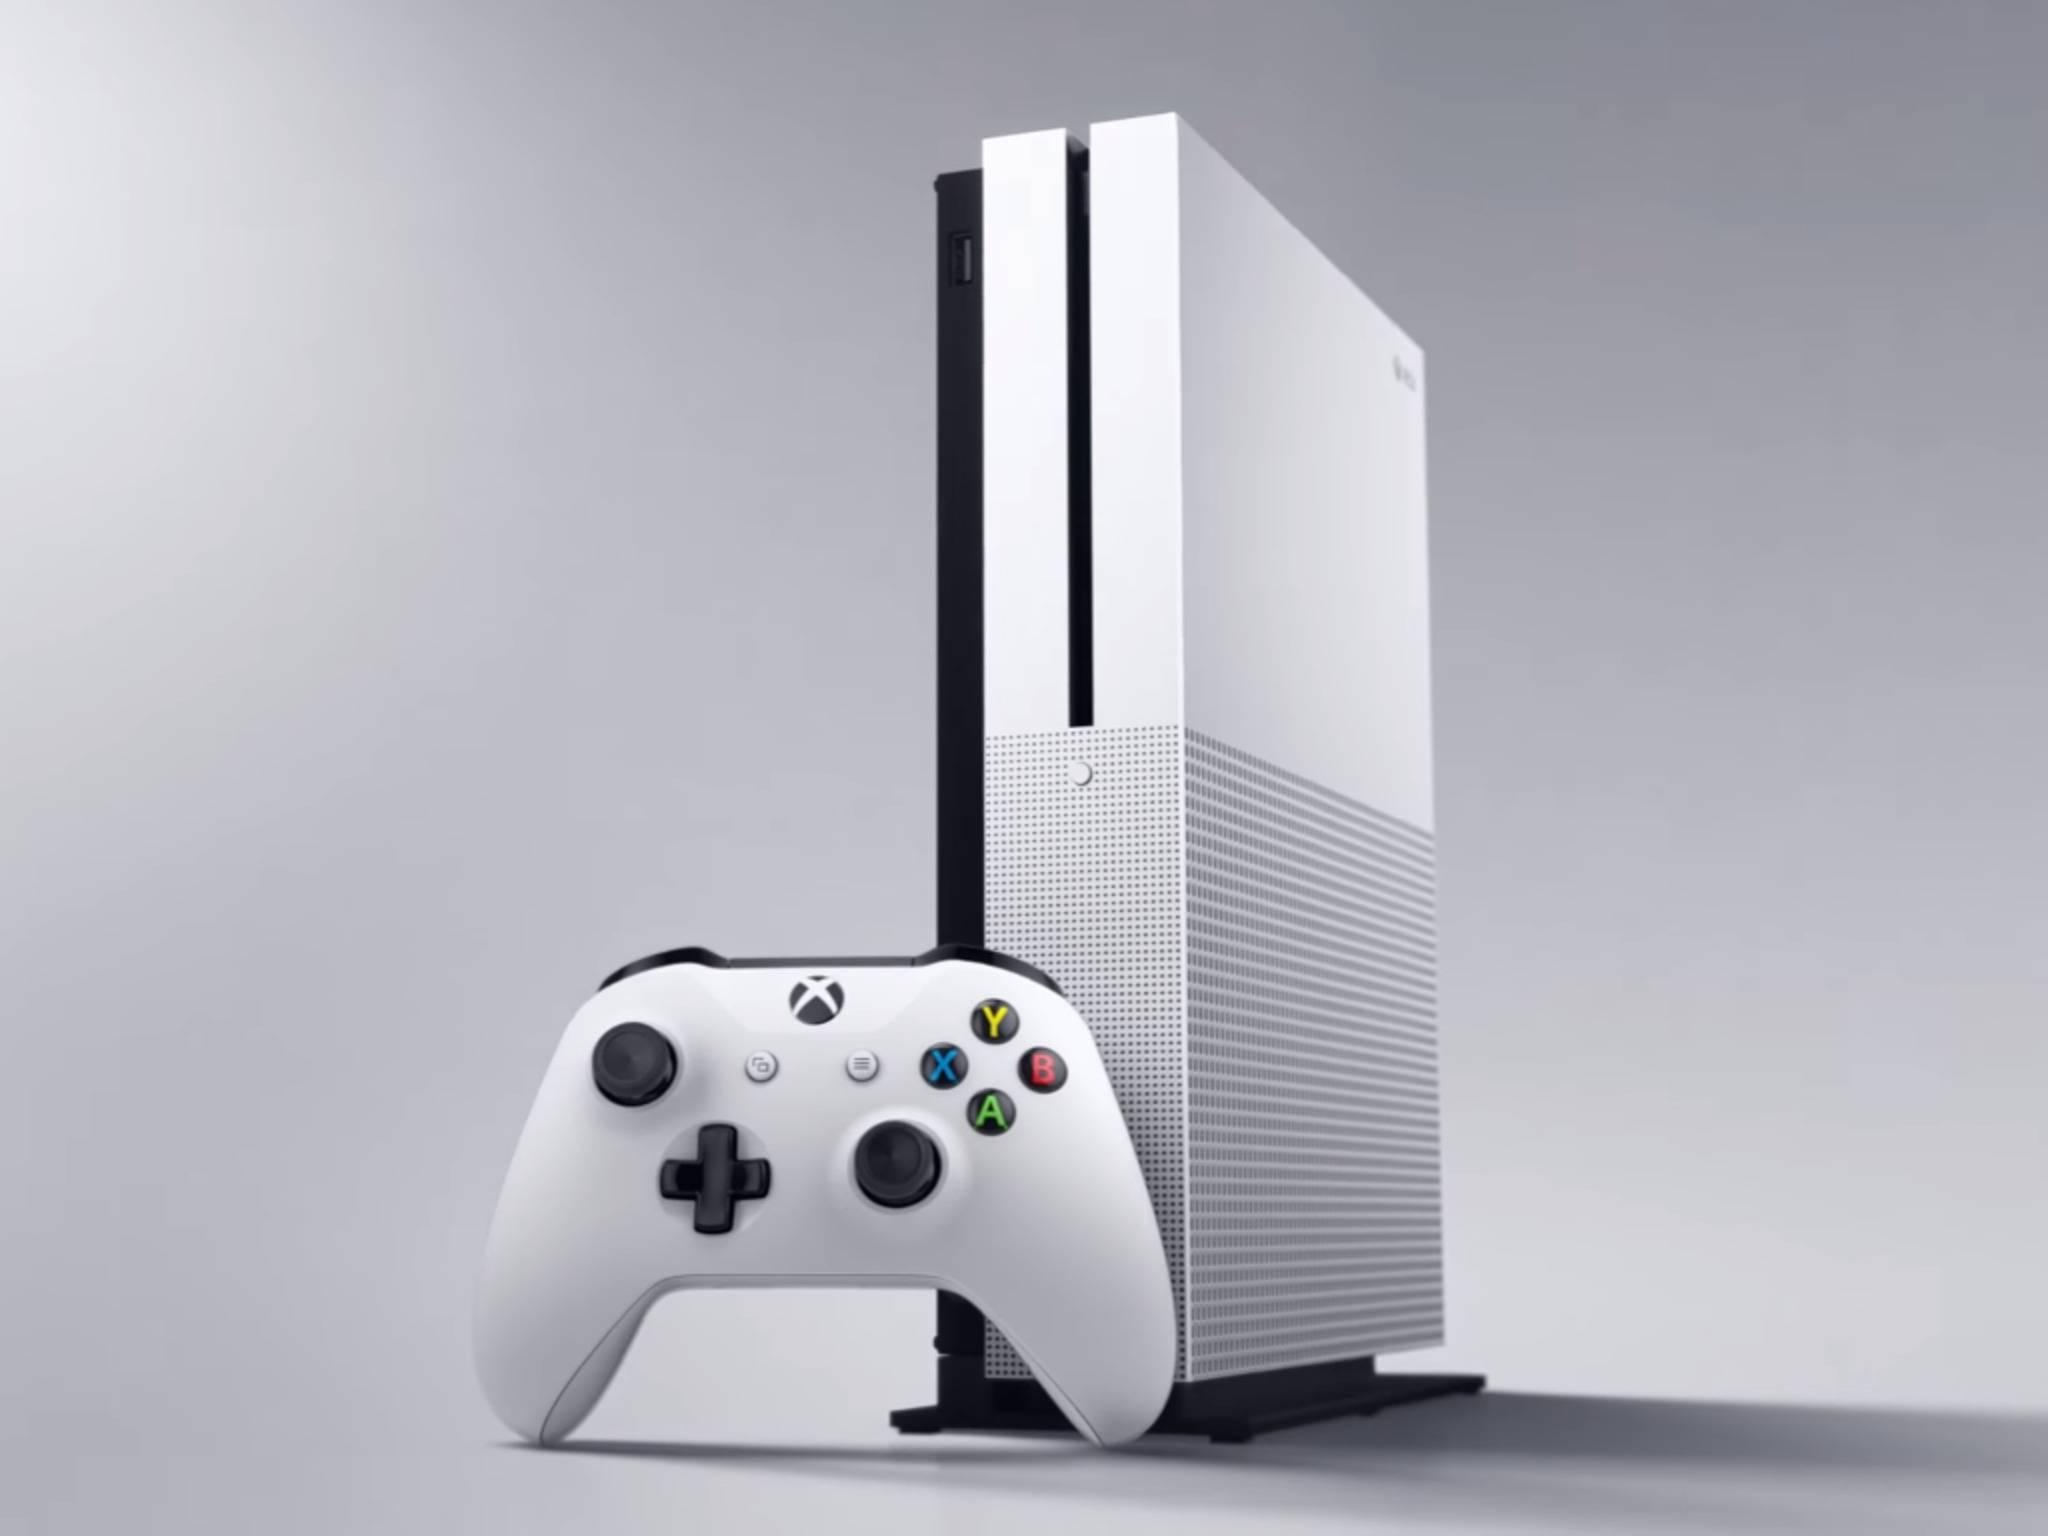 Microsoft kündigte auf der E3 nicht nur die Xbox One S, sondern auch die Xbox One Scorpio an.